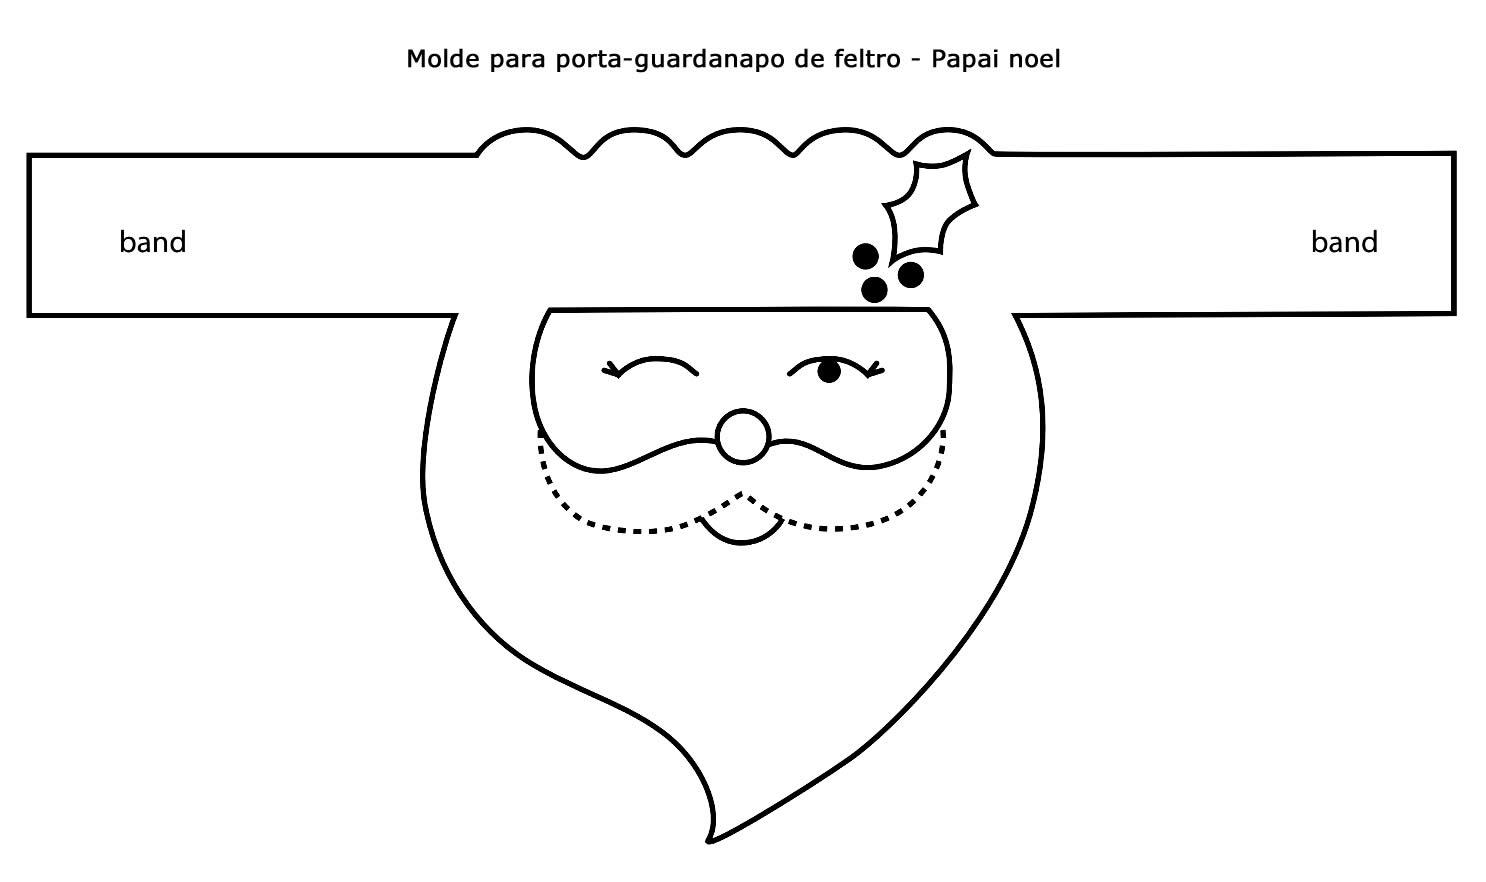 Molde de Papai Noel para porta-guardanapo